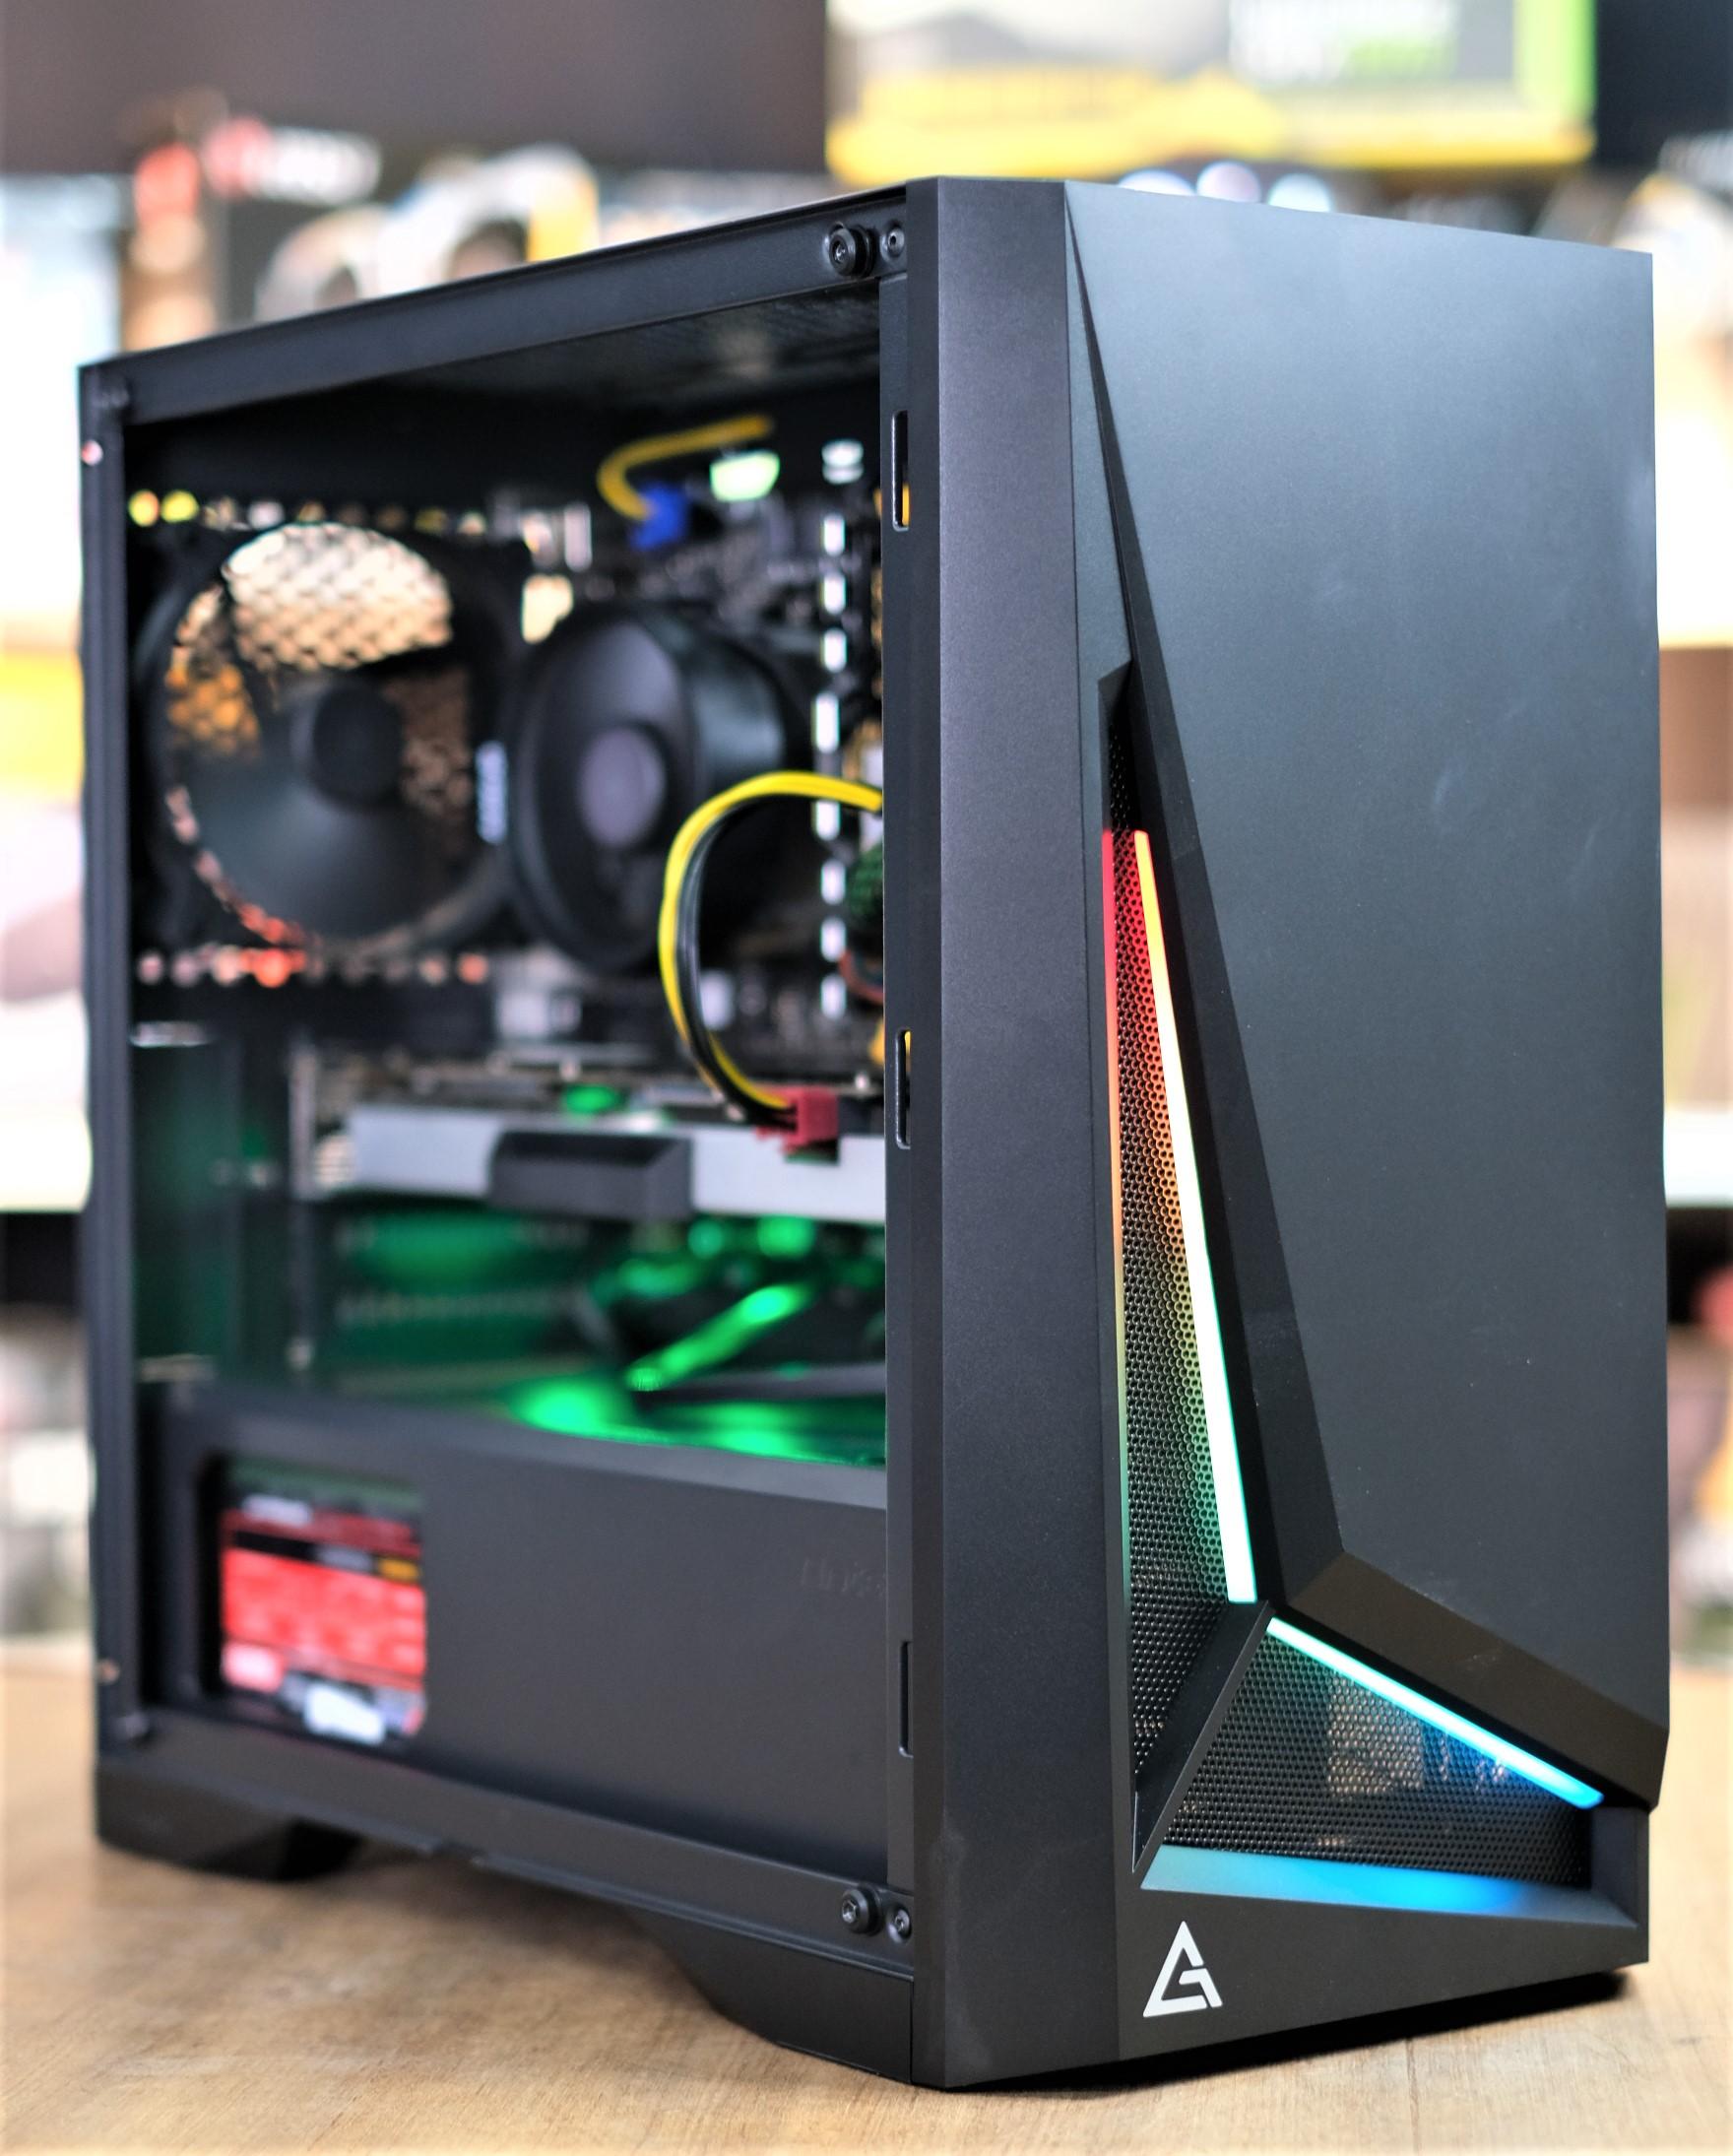 *ของใหม่* AMD RYZEN 5 2600 Turbo 3 9Ghz 6C 12T / 8GB DDR4 / GTX 1080 Ti  11GB / HDD 1TB หรือ 240 GB